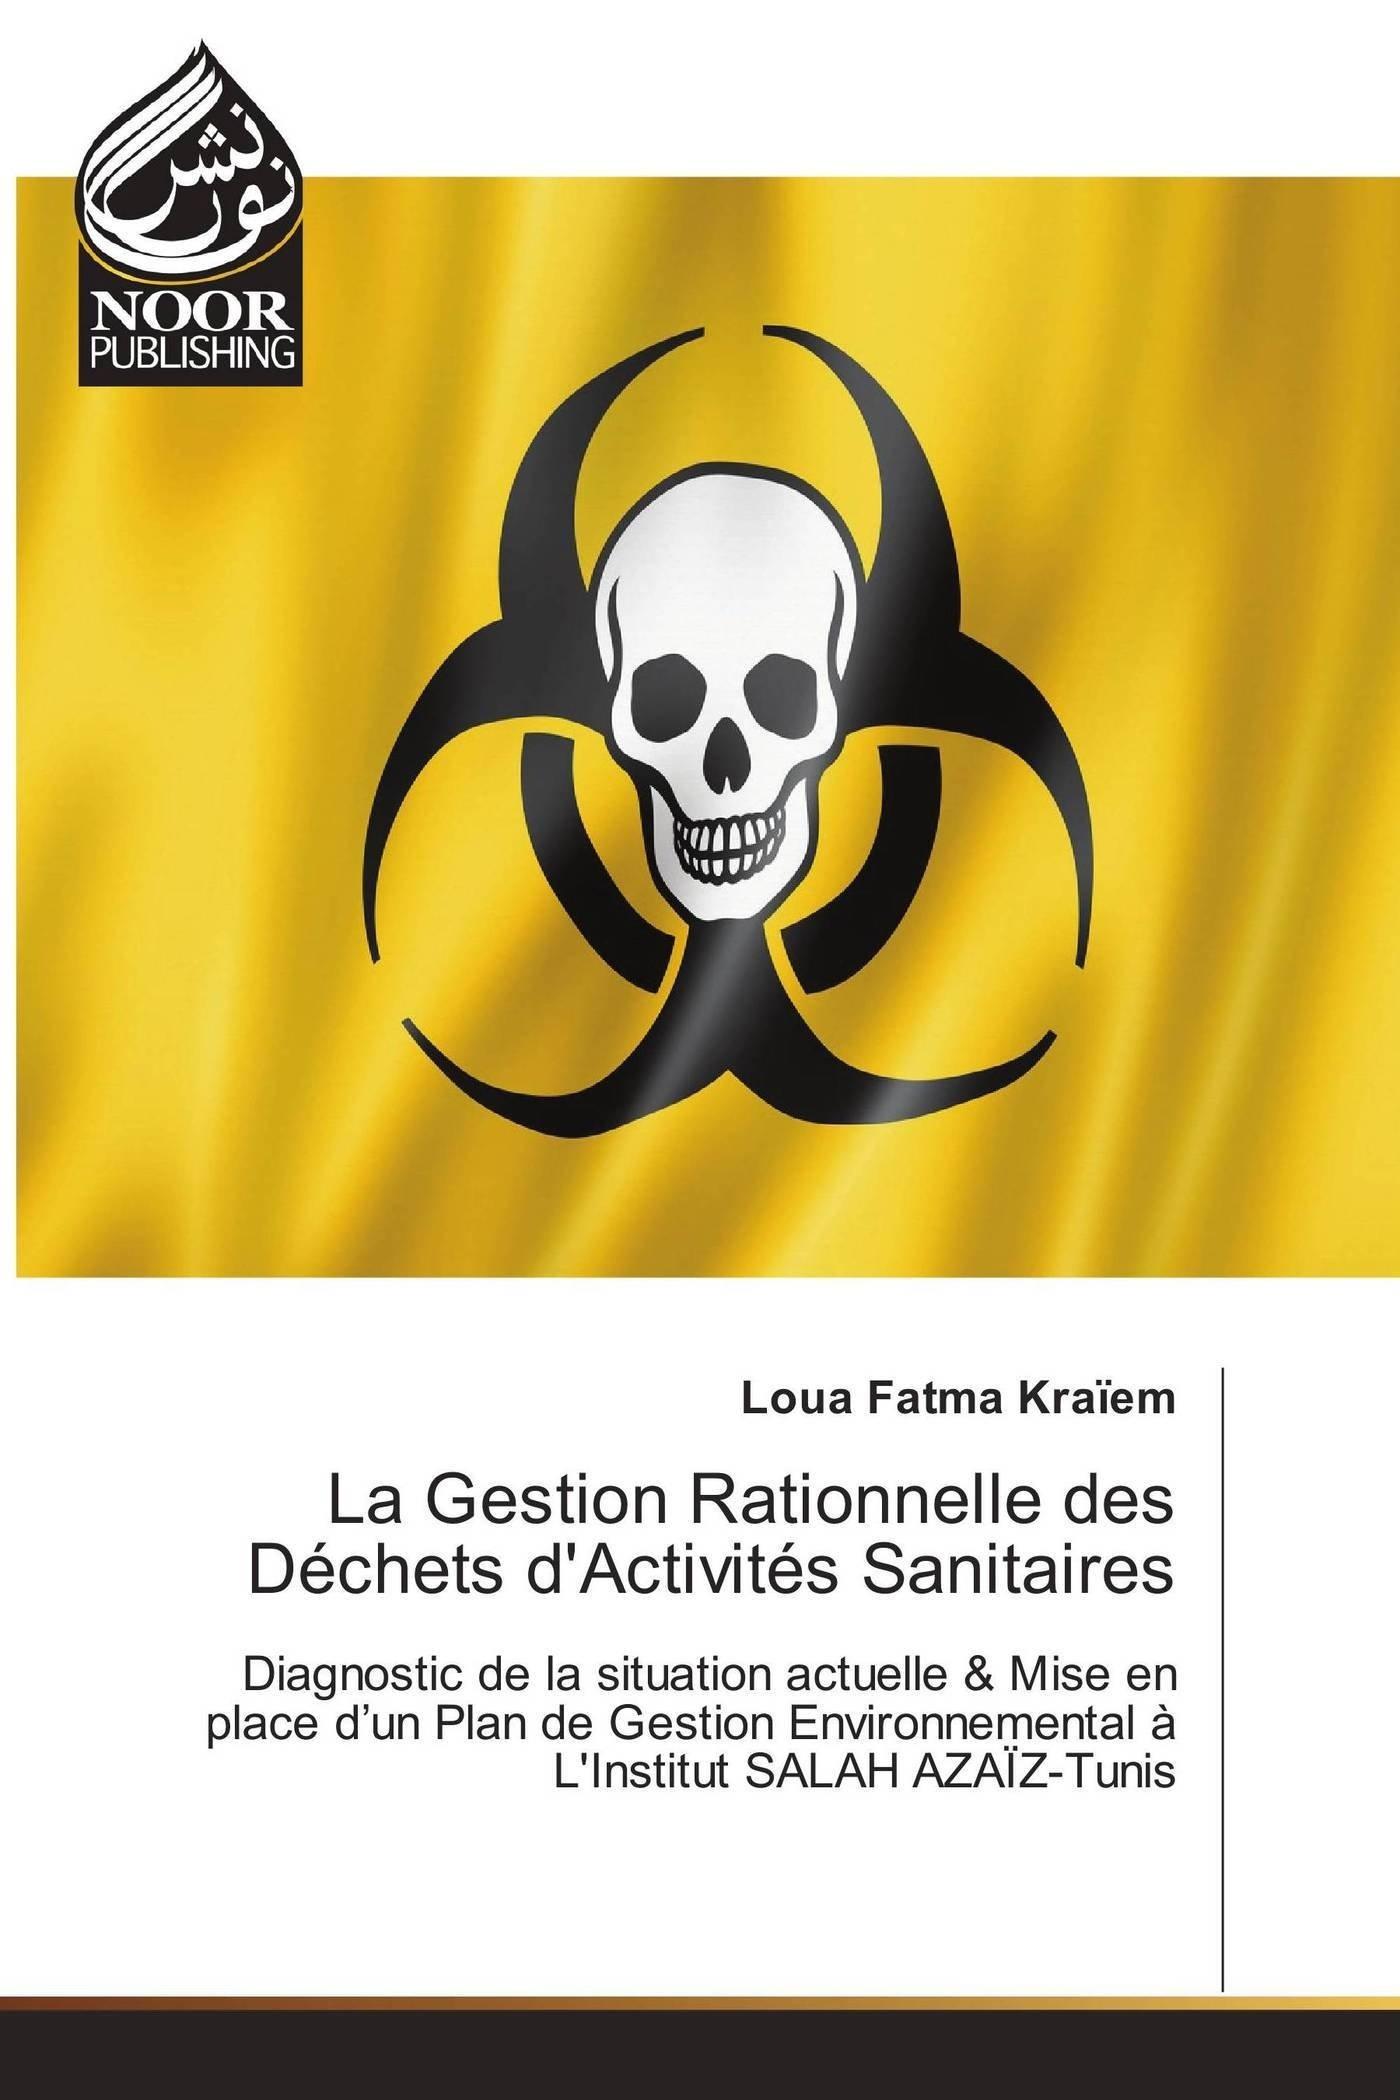 La Gestion Rationnelle des Déchets d'Activités Sanitaires: Diagnostic de la situation actuelle & Mise en place d'un Plan de Gestion Environnemental à L'Institut SALAH AZAÏZ-Tunis (French Edition) pdf